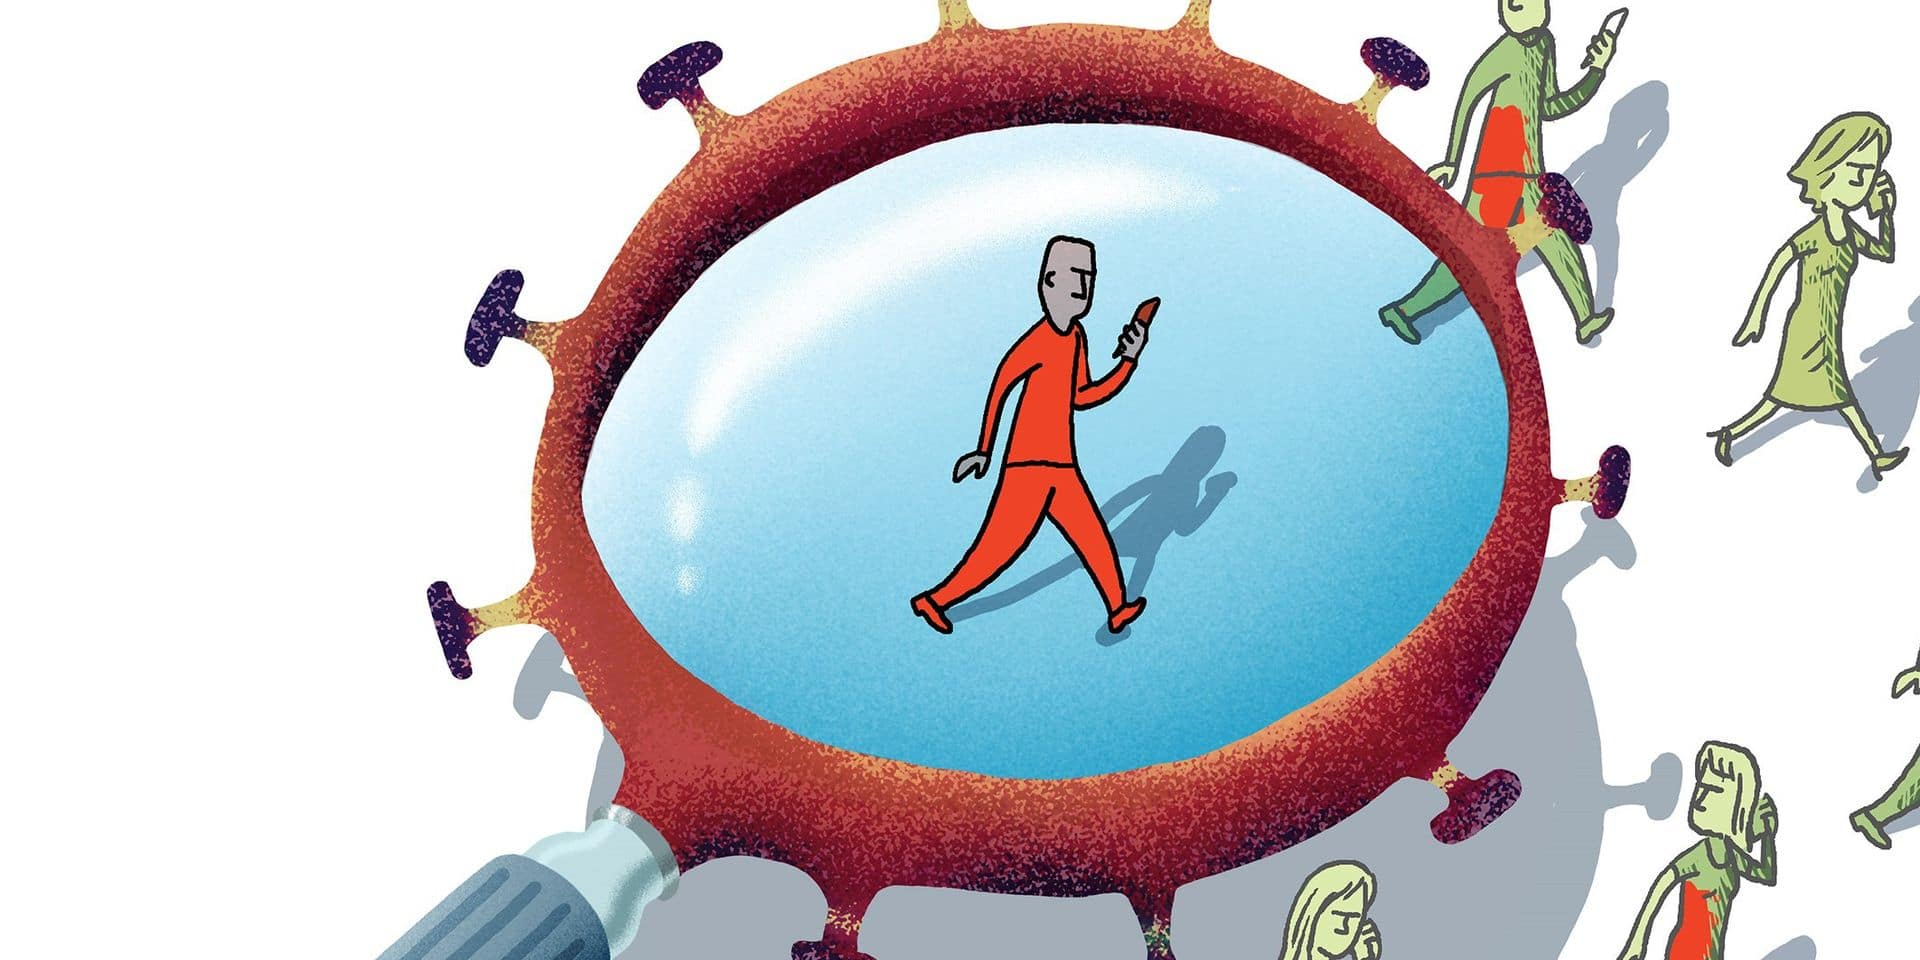 Comment contrôler une épidémie, tout en protégeant notre liberté ?